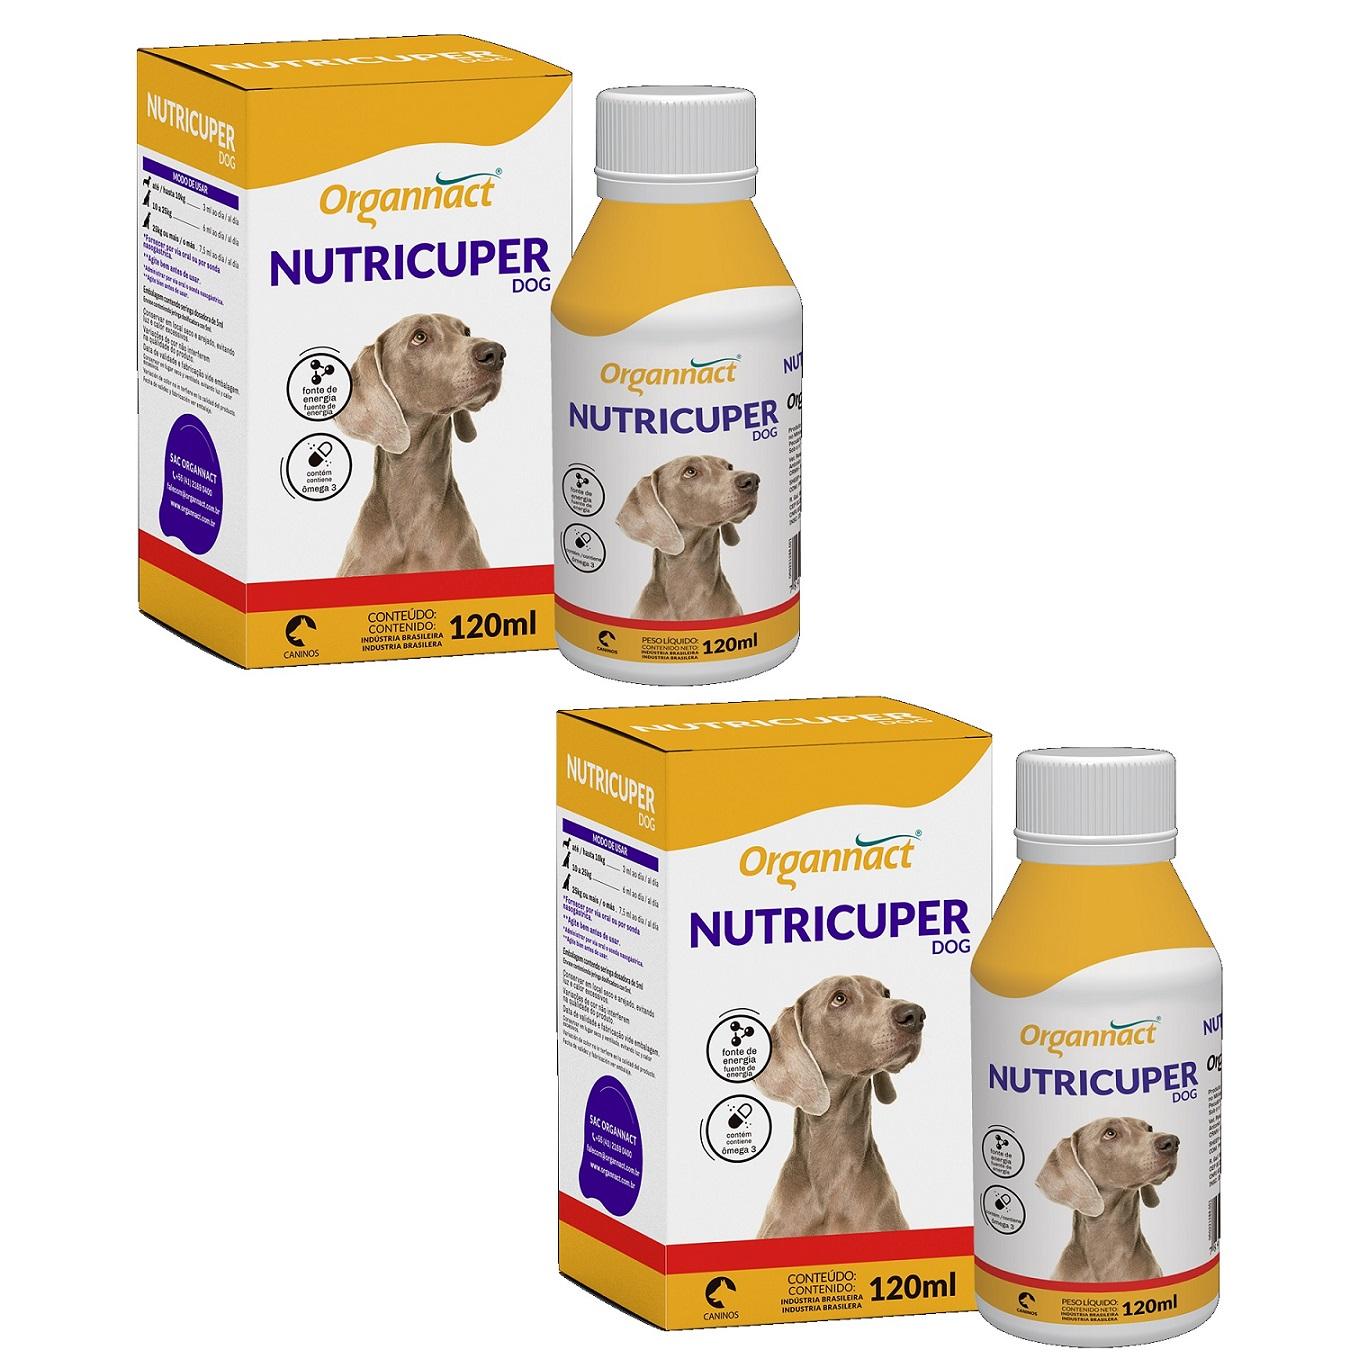 Kit 2 Unidades Suplemento Hipercalórico para Cães Nutricuper Dog 120ml - Organnact